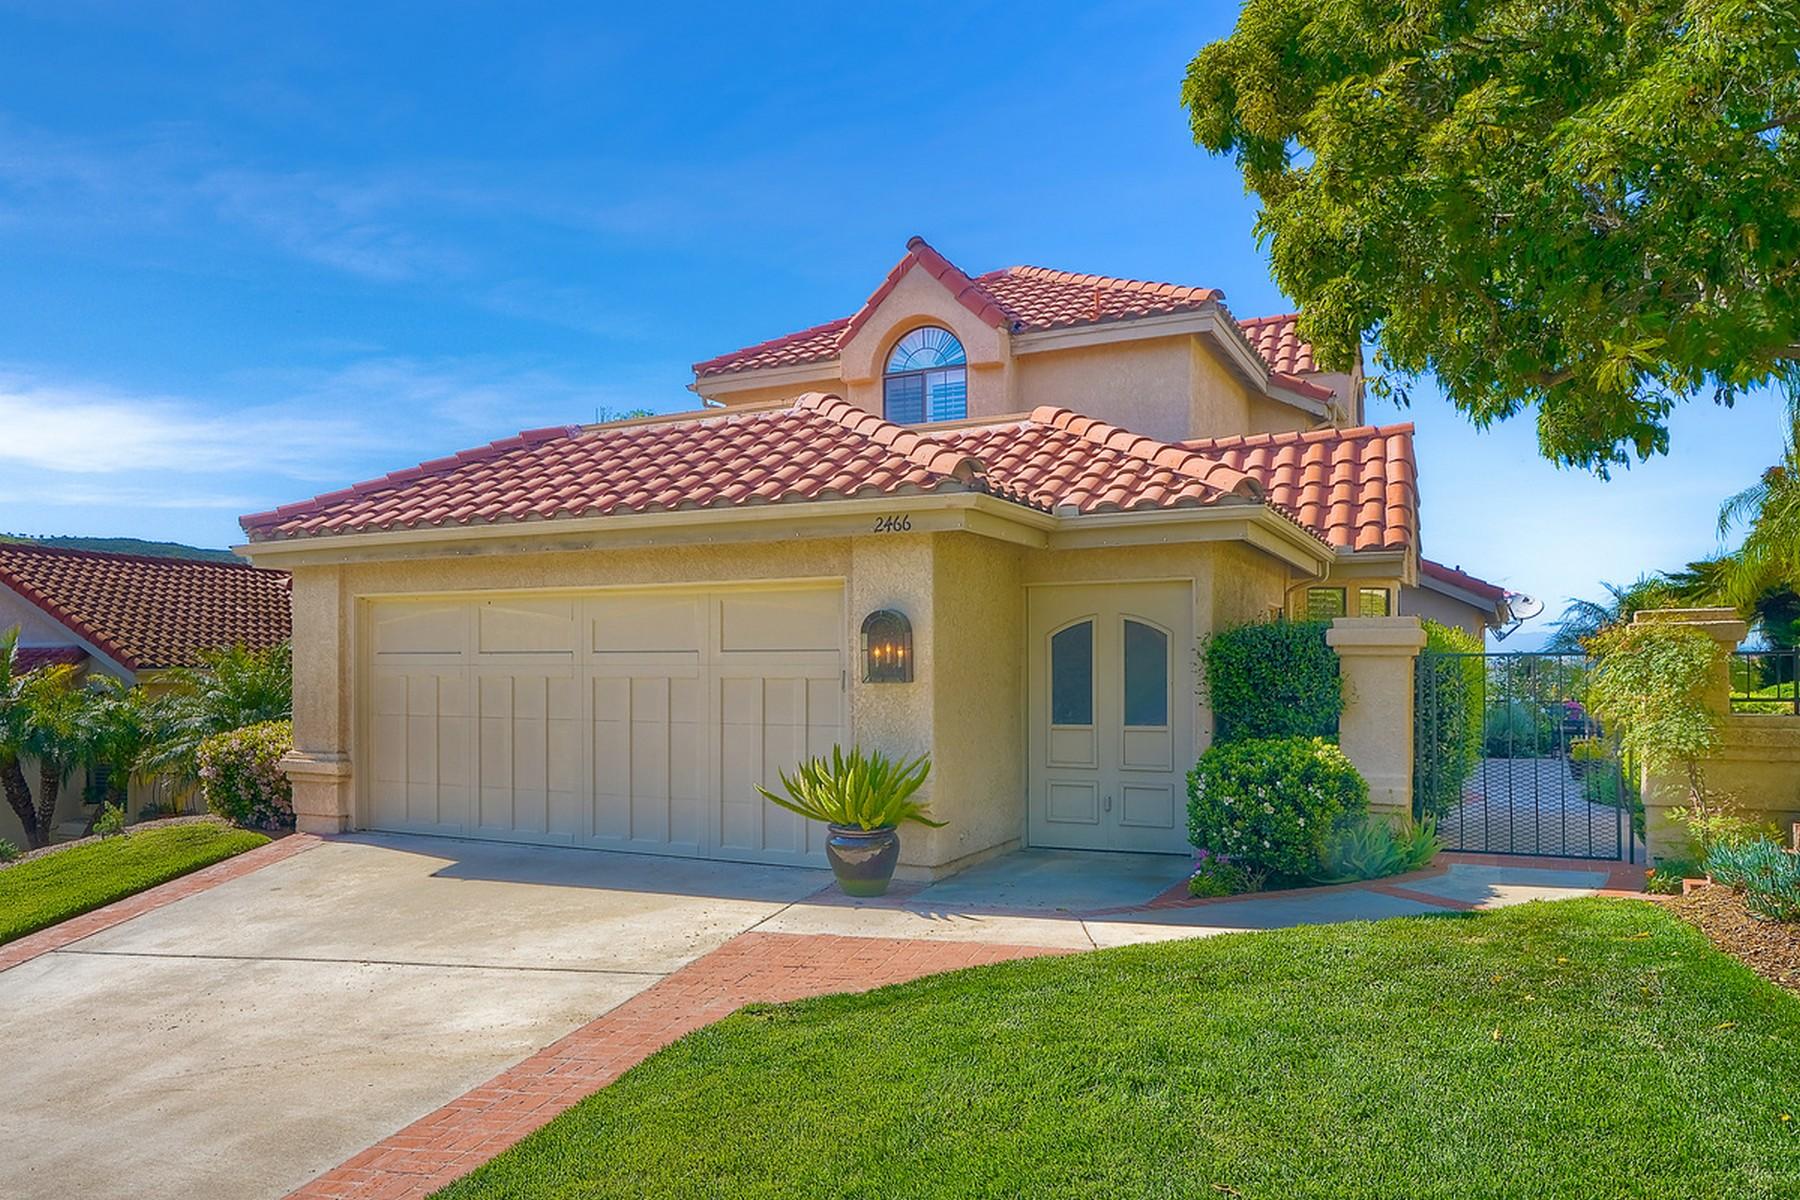 一戸建て のために 売買 アット 2644 Vista Valley Lane 2466 Vista Valley Lane Vista, カリフォルニア, 92084 アメリカ合衆国